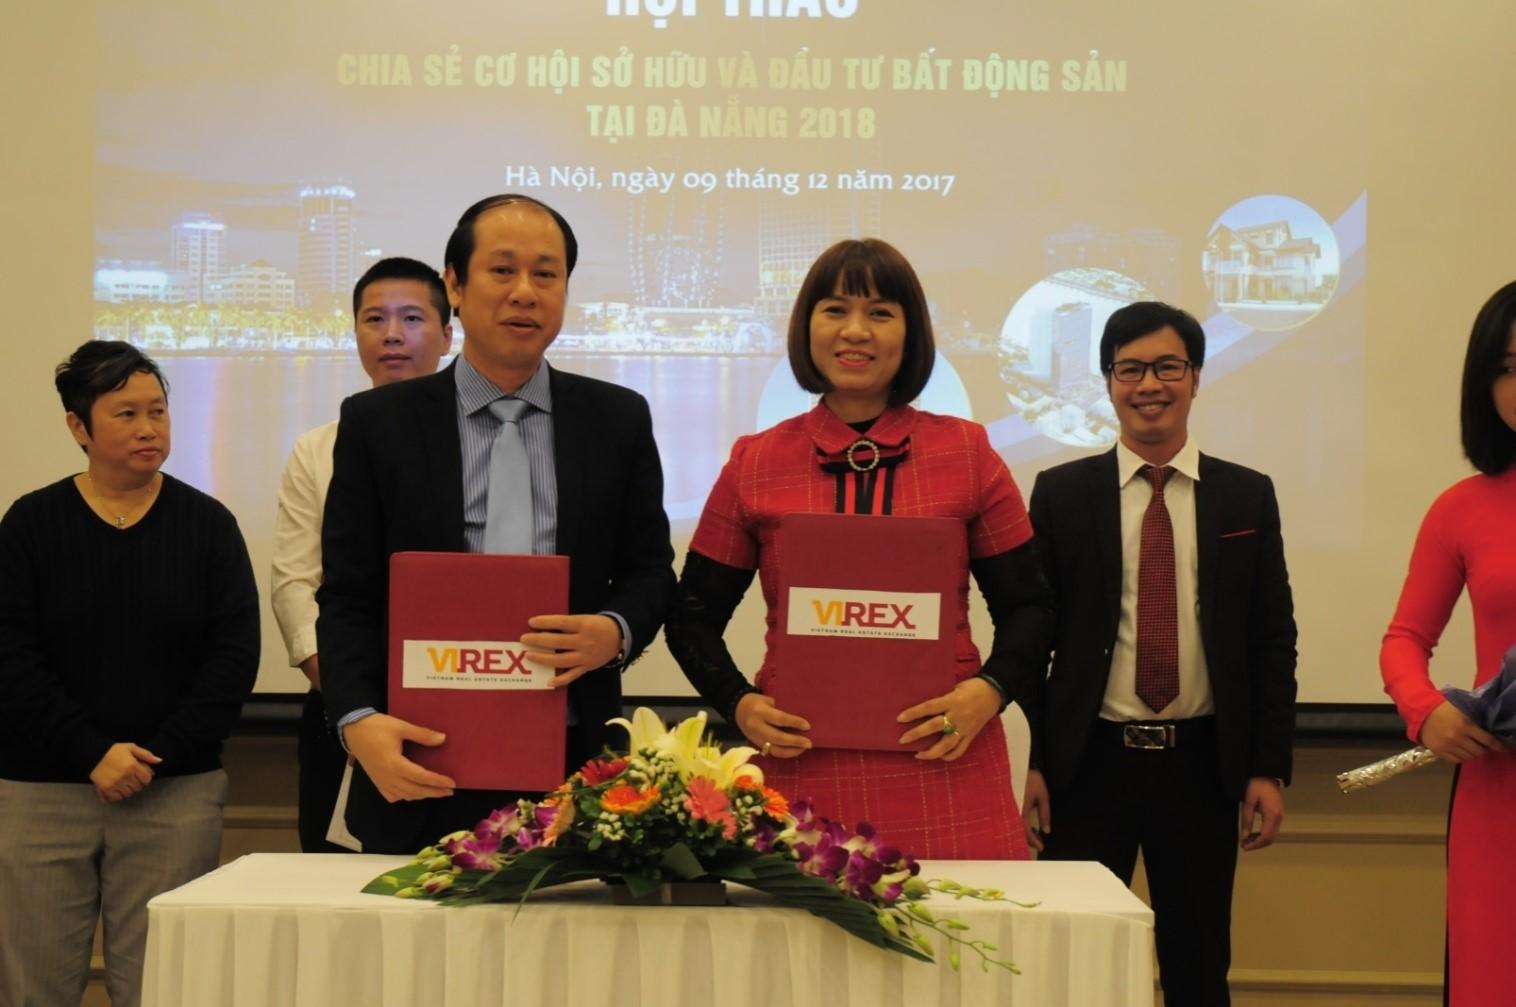 Ký kết thỏa thuận hợp tác giữa bà Lê Thị Lan Anh, Tổng Giám đốc Công ty Virex và ông Nguyễn Minh Tuấn, Phó Chủ tịch CLB Bất động sản Hà Nội/ Hiệp hội BĐS Việt Nam, Chủ tịch HĐQT Vietbuilding.